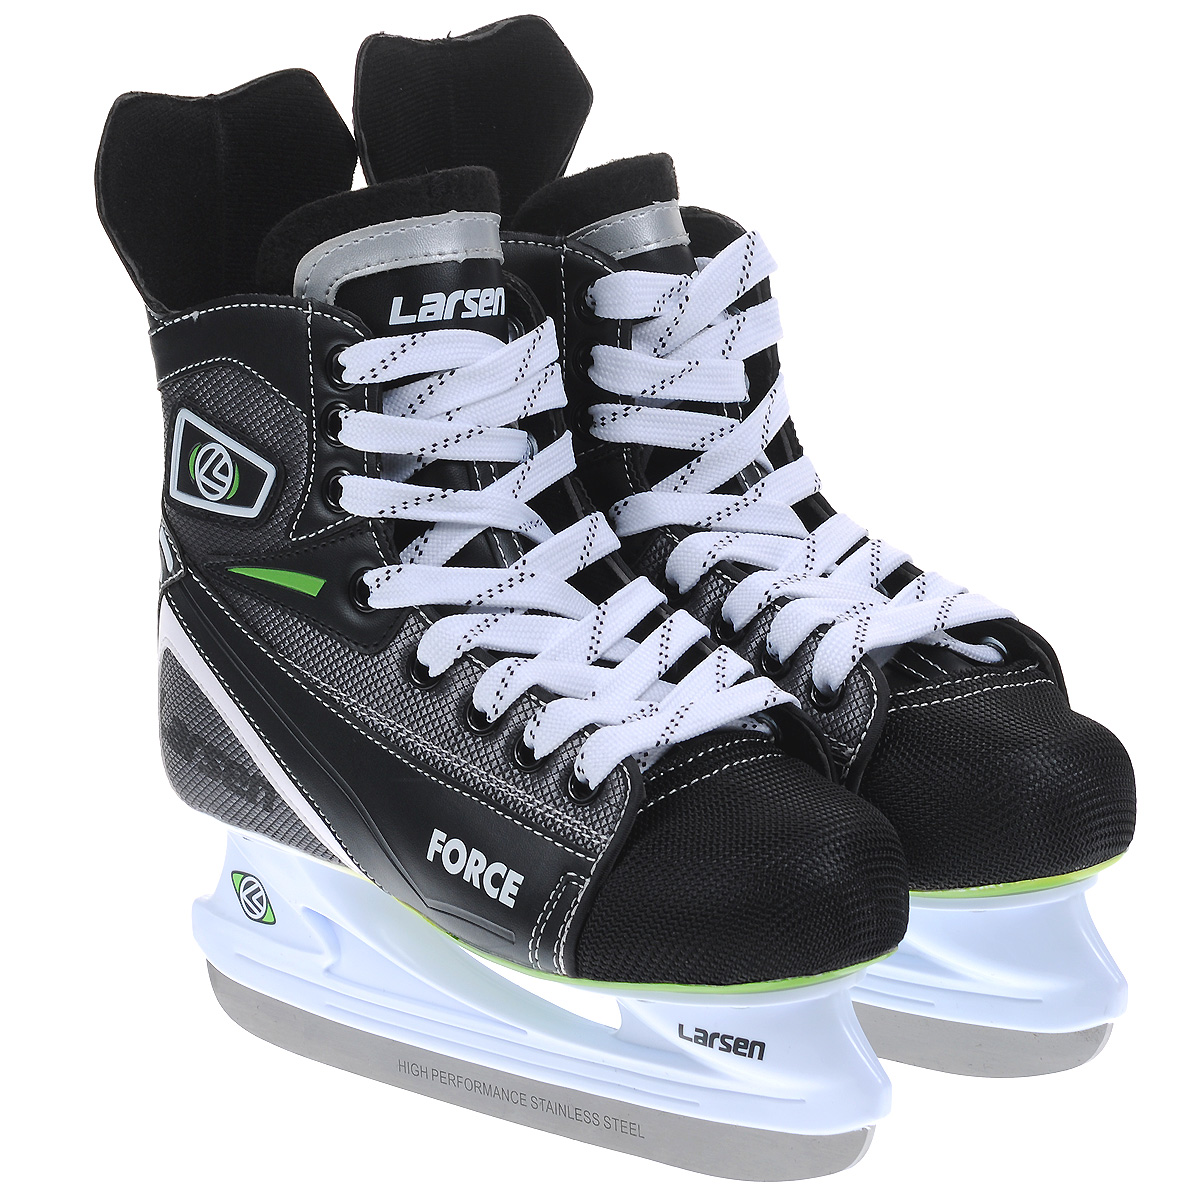 Коньки хоккейные Larsen Force, цвет: черный, серый. Размер 45Atemi Force 3.0 2012 Black-GrayХоккейные коньки Force от Larsen прекрасно подойдут для начинающих игроков в хоккей. Ботинок выполнен из морозоустойчивого поливинилхлорида, мыс - из полипропилена, который защитит ноги от ударов, покрытого сетчатым нейлоном плотностью 800D. Внутренний слой изготовлен из мягкого материала Cambrelle, который обеспечит тепло и комфорт во время катания, язычок войлочный. Поролоновый утеплитель не позволит вашим ногам замерзнуть. Плотная шнуровка надежно фиксирует модель на ноге. Удобный суппорт голеностопа.Стелька из материала EVA обеспечит комфортное катание.Стойка выполнена из ударопрочного пластика. Лезвие из высокоуглеродистой стали жесткостью HRC 50-52 обеспечит превосходное скольжение.